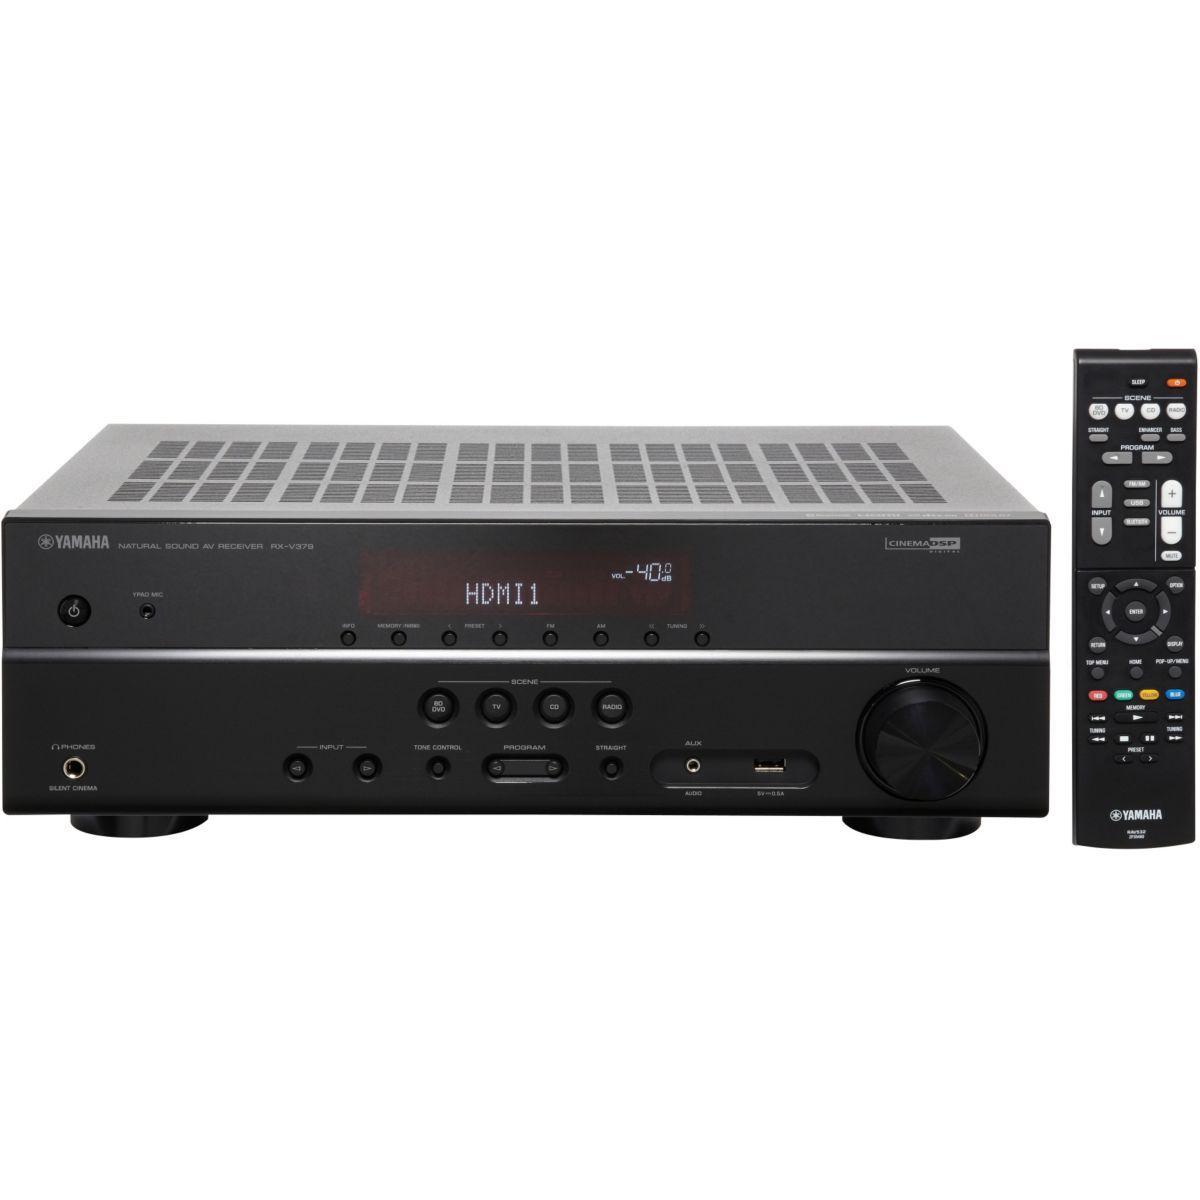 Amplificateur Home Cinéma 5.1 Yamaha RXV379 - HDMI/Bluetooth, 5 x 100 W, Noir